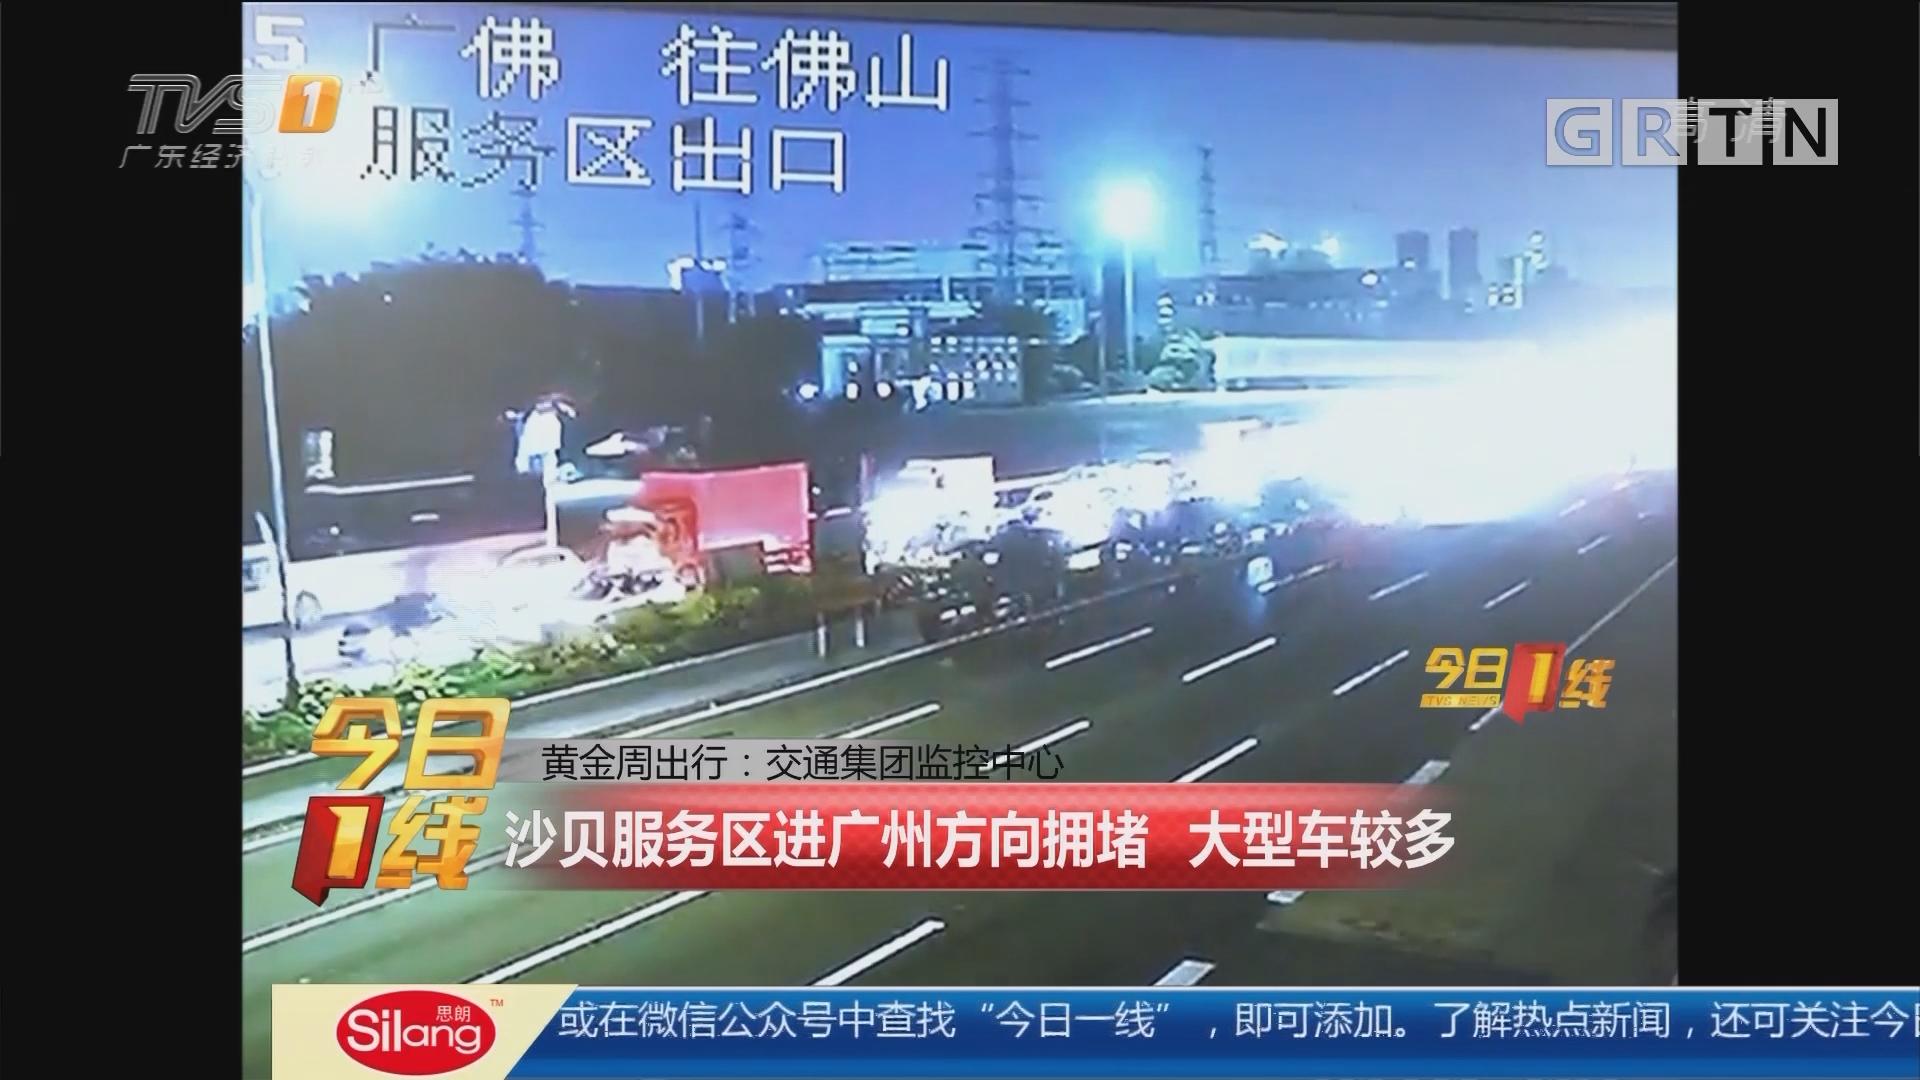 黄金周出行:交通集团监控中心 沙贝服务区进广州方向拥堵 大型车较多